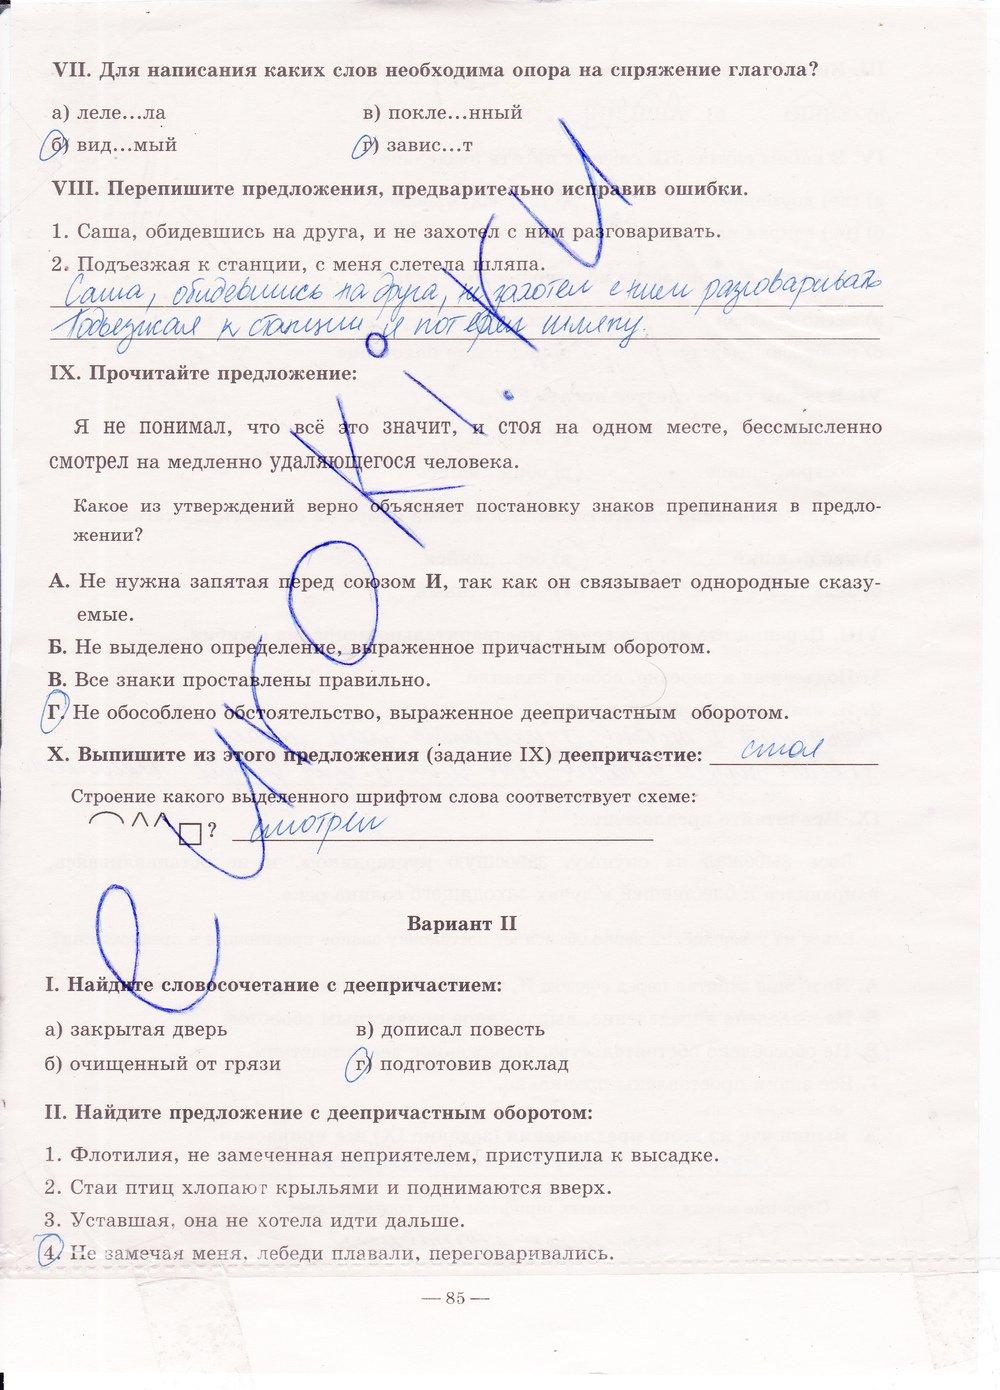 Гдз по русскому 7 класс 82